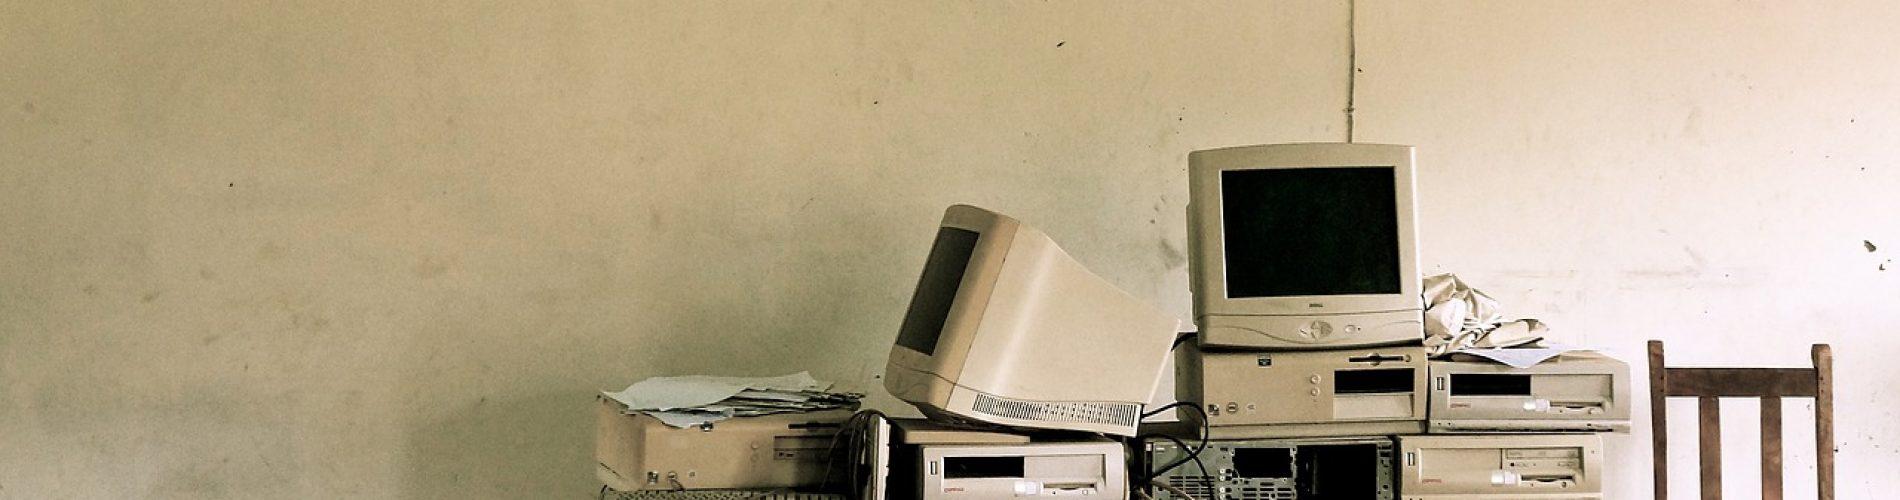 Computer, Monitor